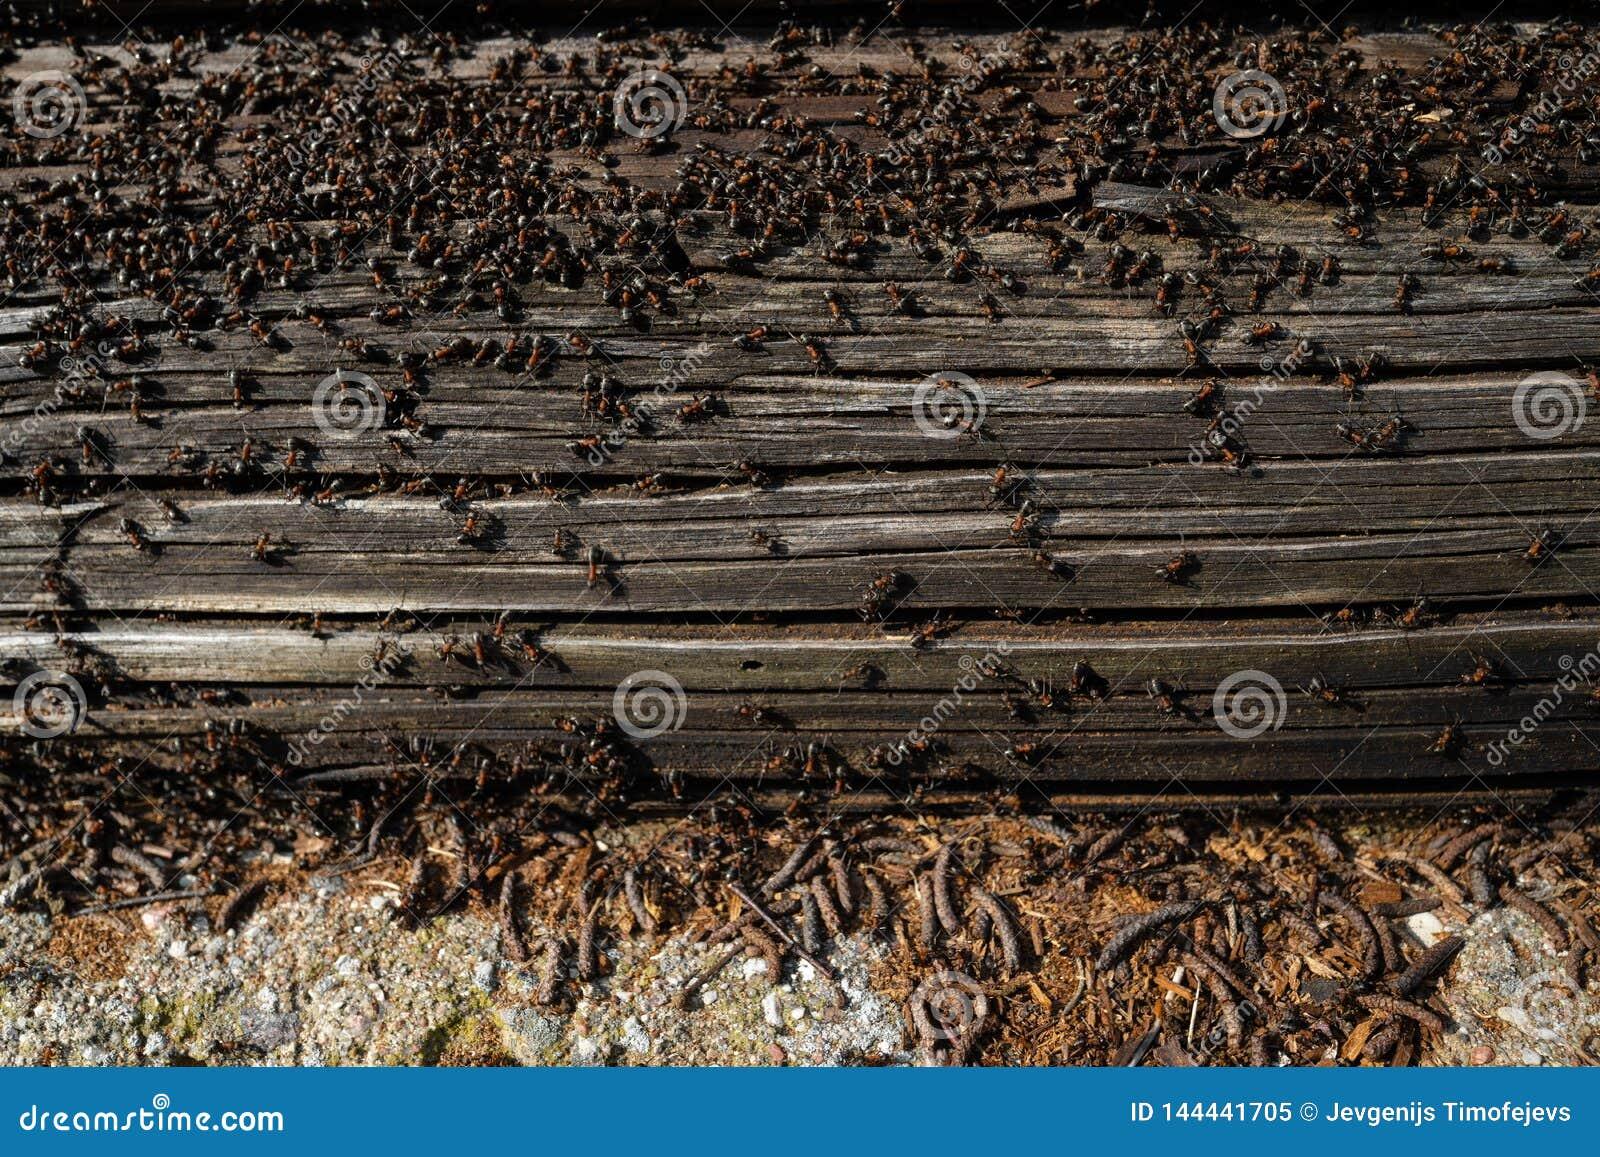 Myror bygga bo i trä - brandmyror som kryper på det trägamla huset